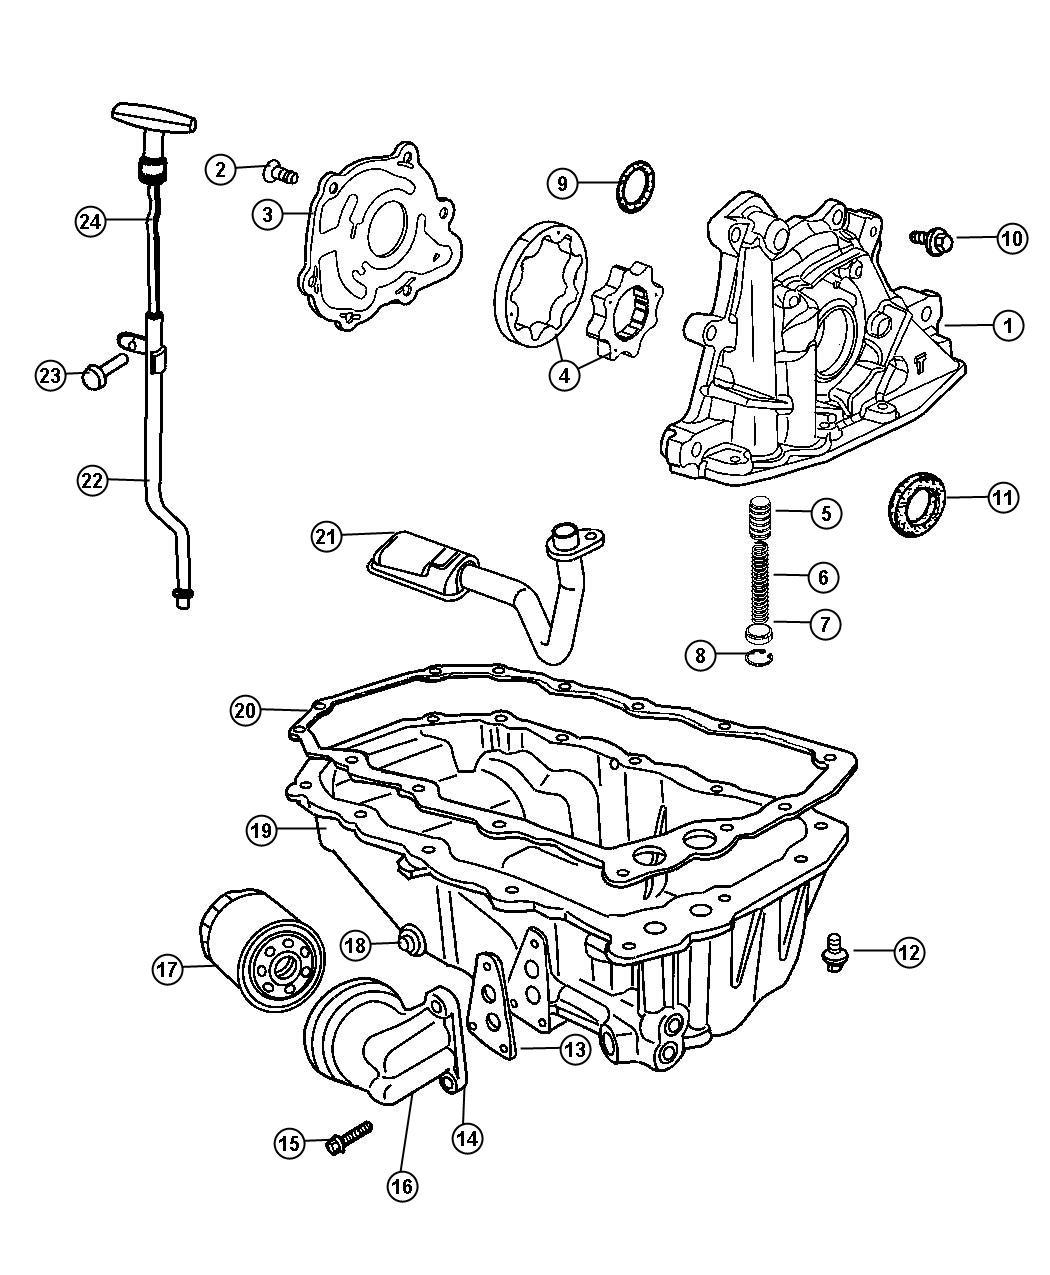 Chrysler Pt Cruiser Gasket. Oil filter adapter